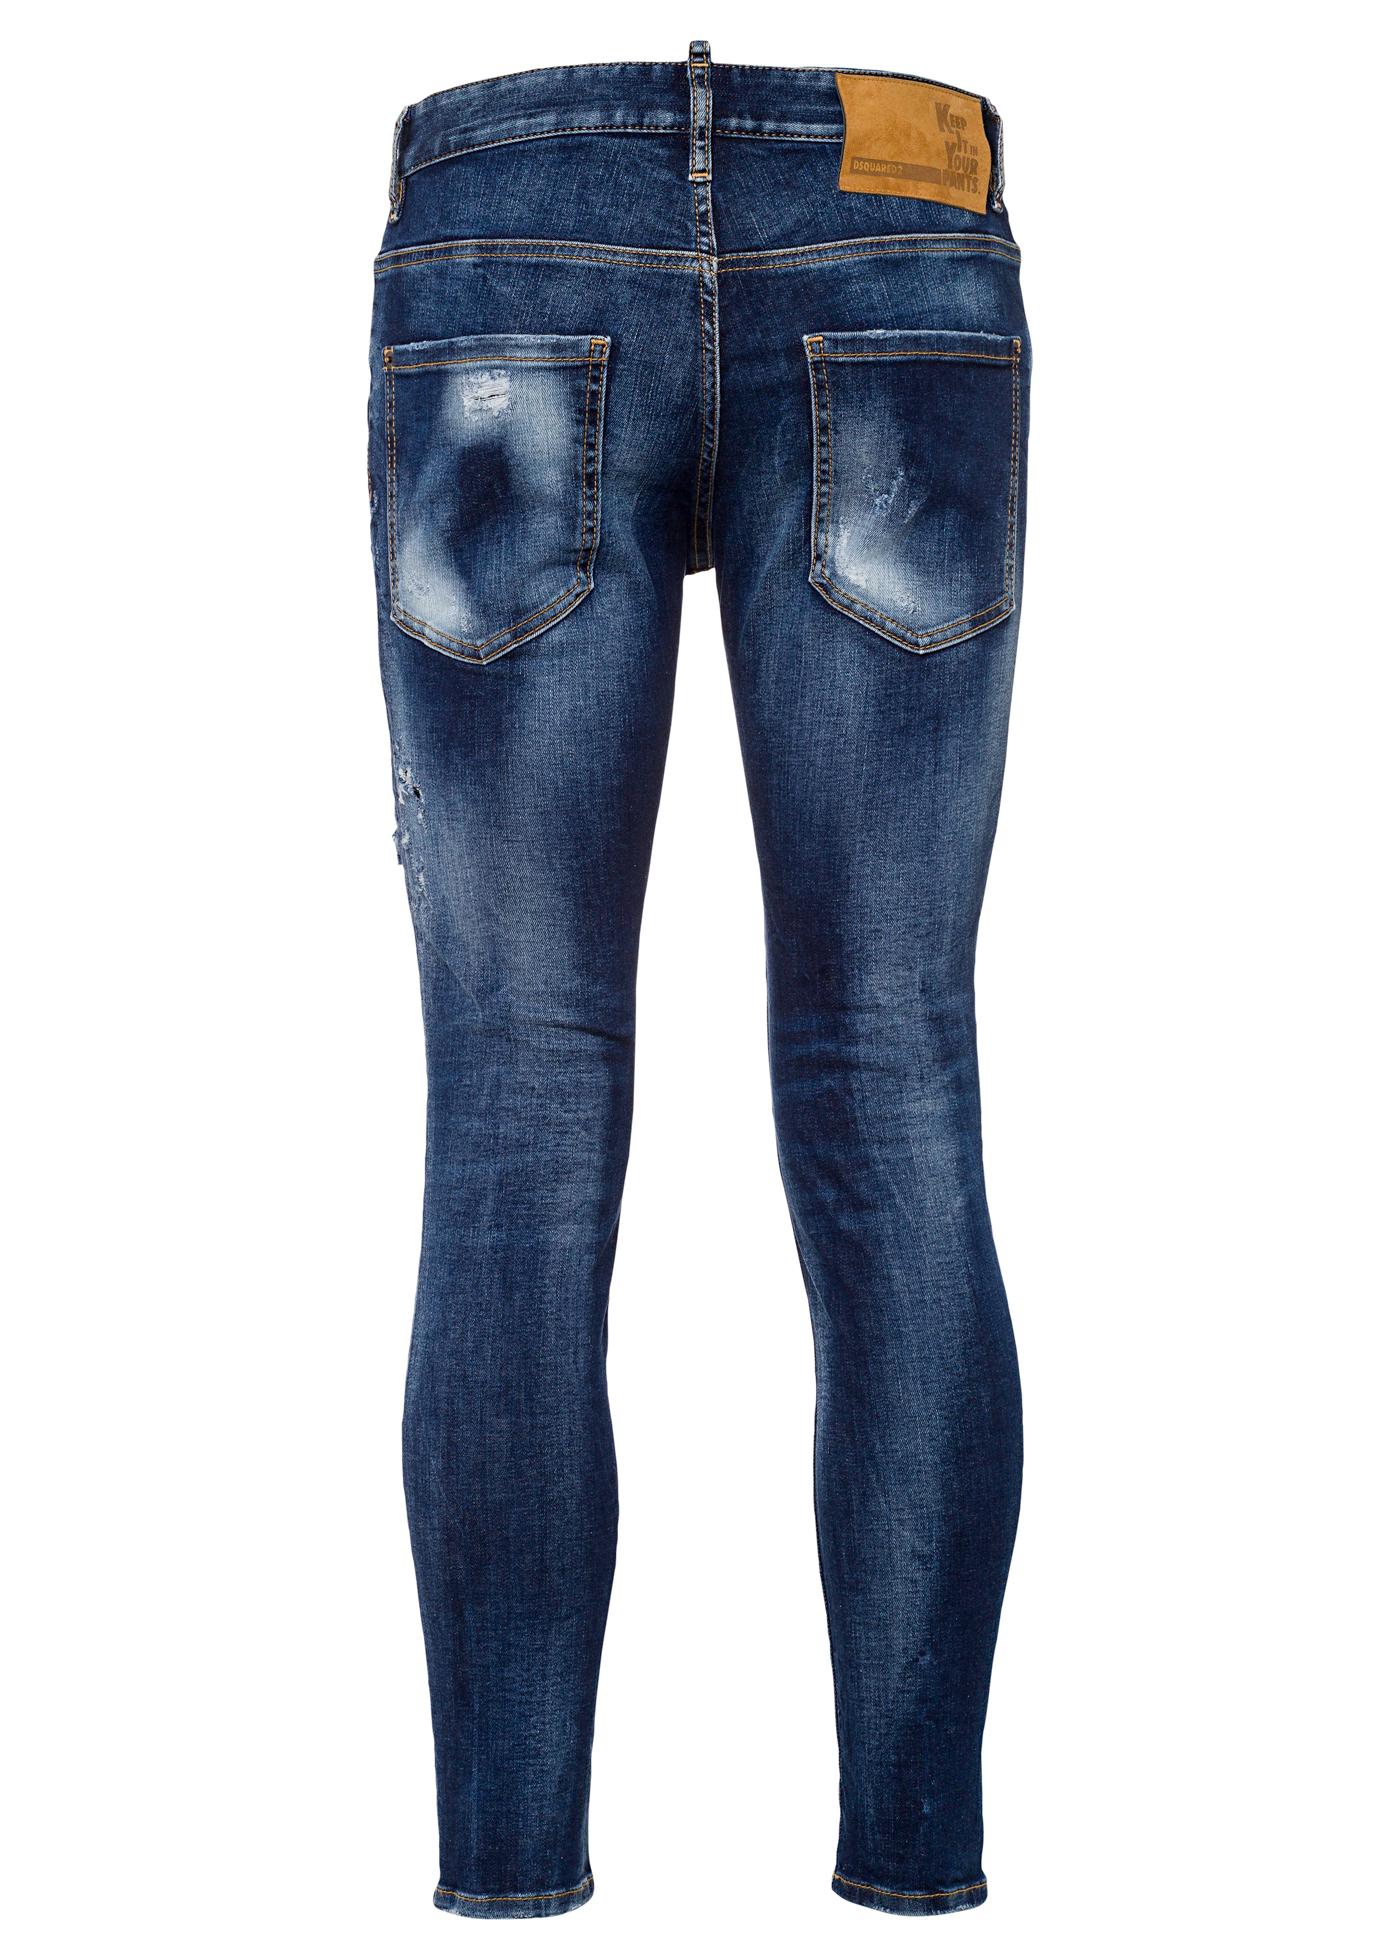 Skater Jeans image number 1